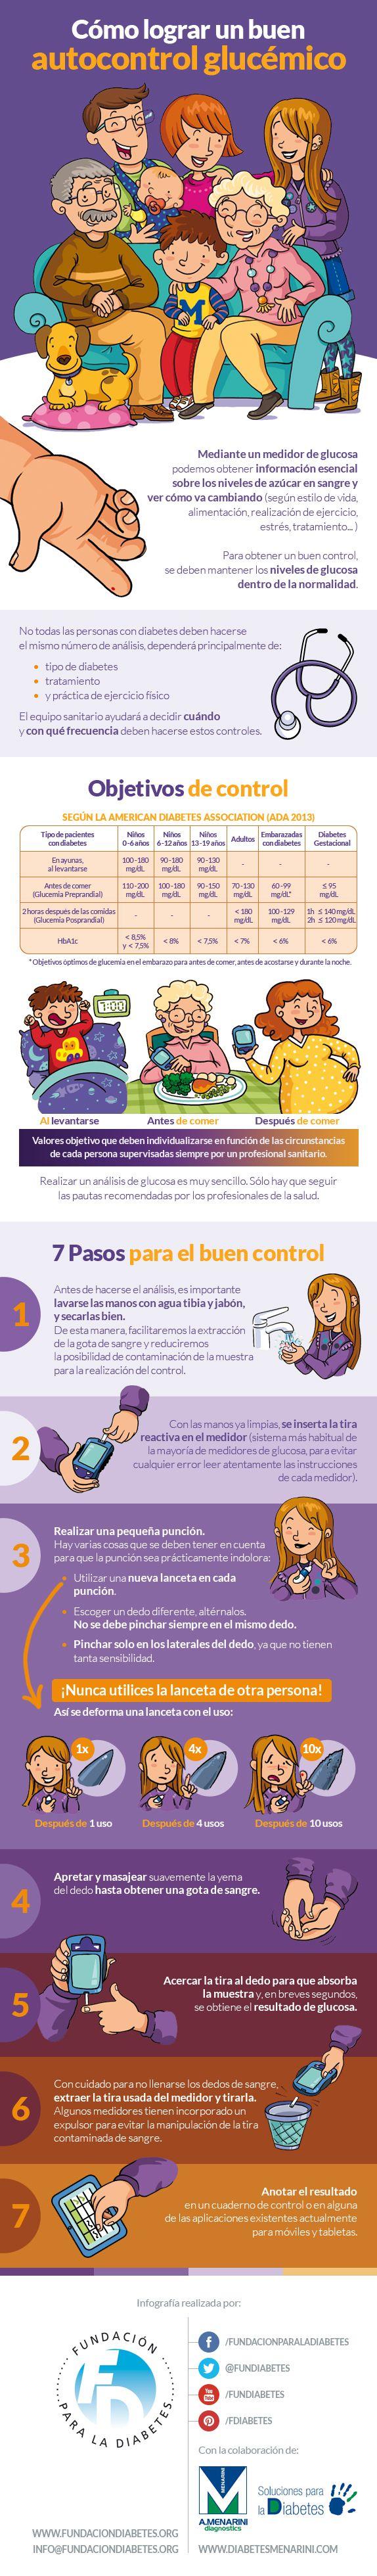 """Infografía """"Cómo lograr un buen autocontrol glucémico"""" / Diabetes"""